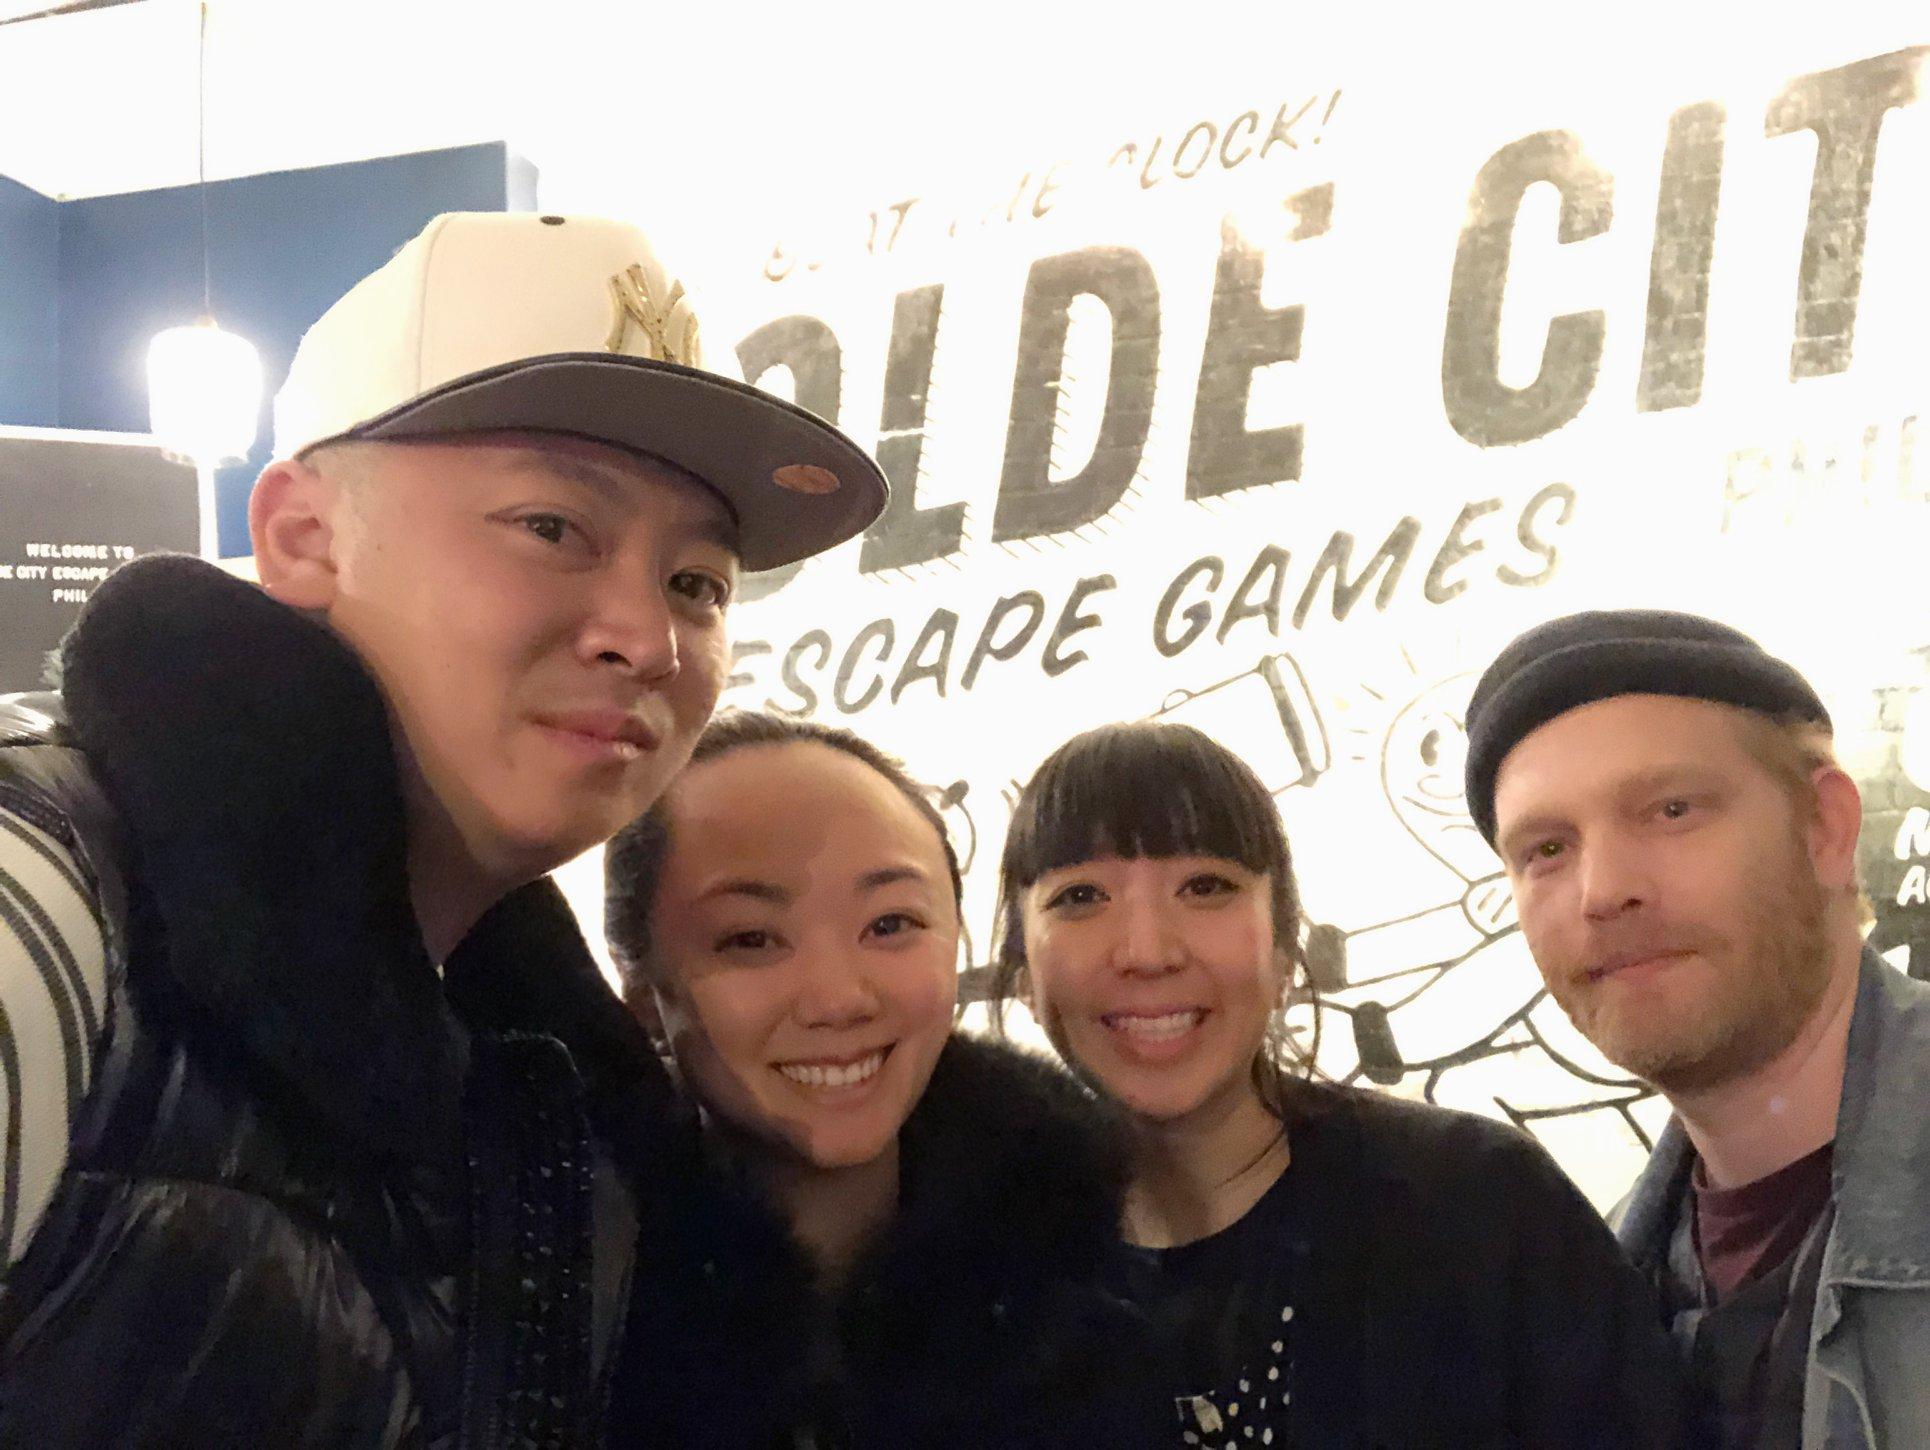 Olde City Escape Games